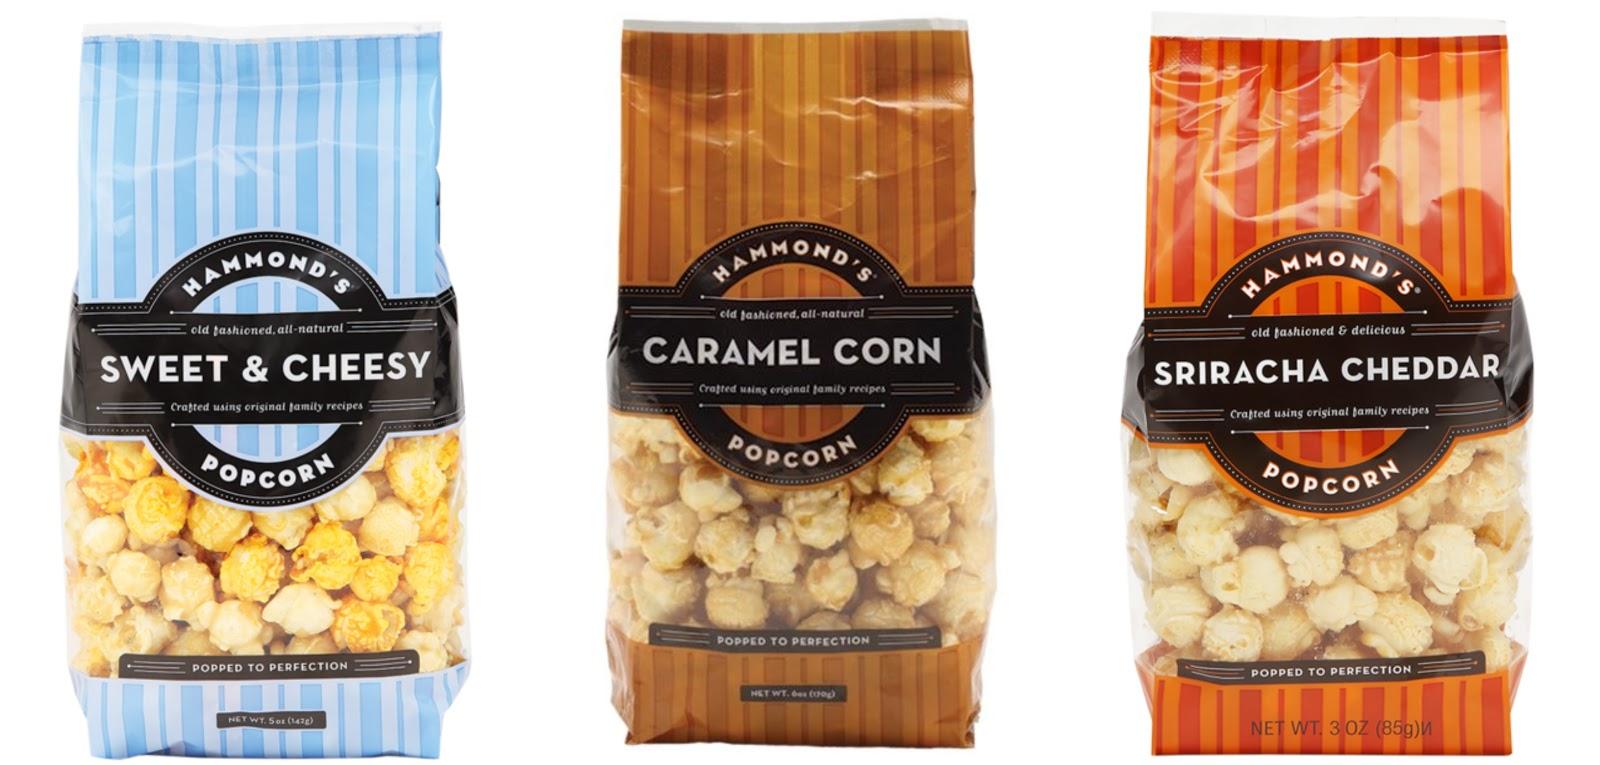 Hammond's Sweet and Cheesy Popcorn